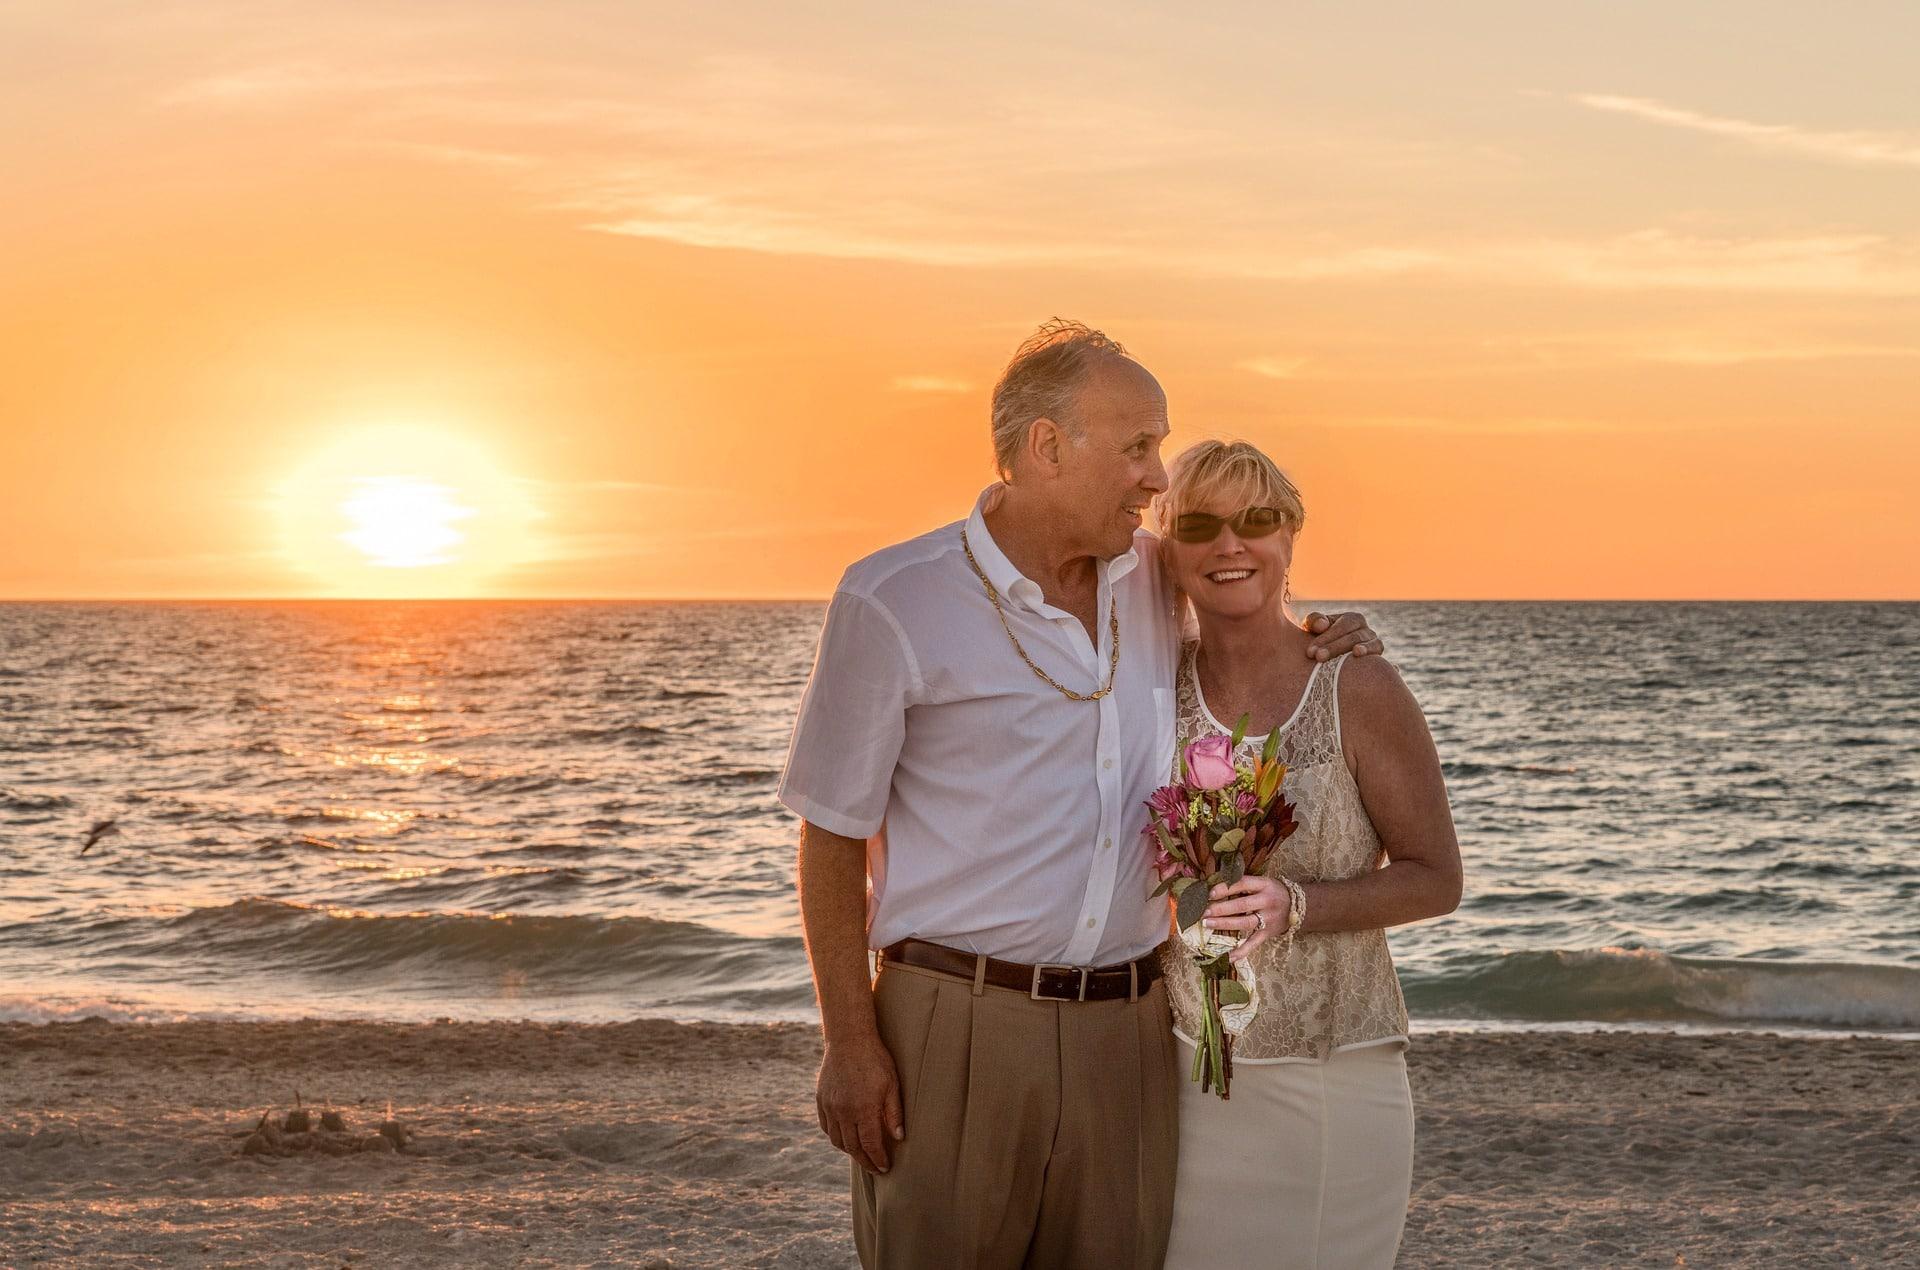 Salud de adultos y seniors. Pareja en la playa